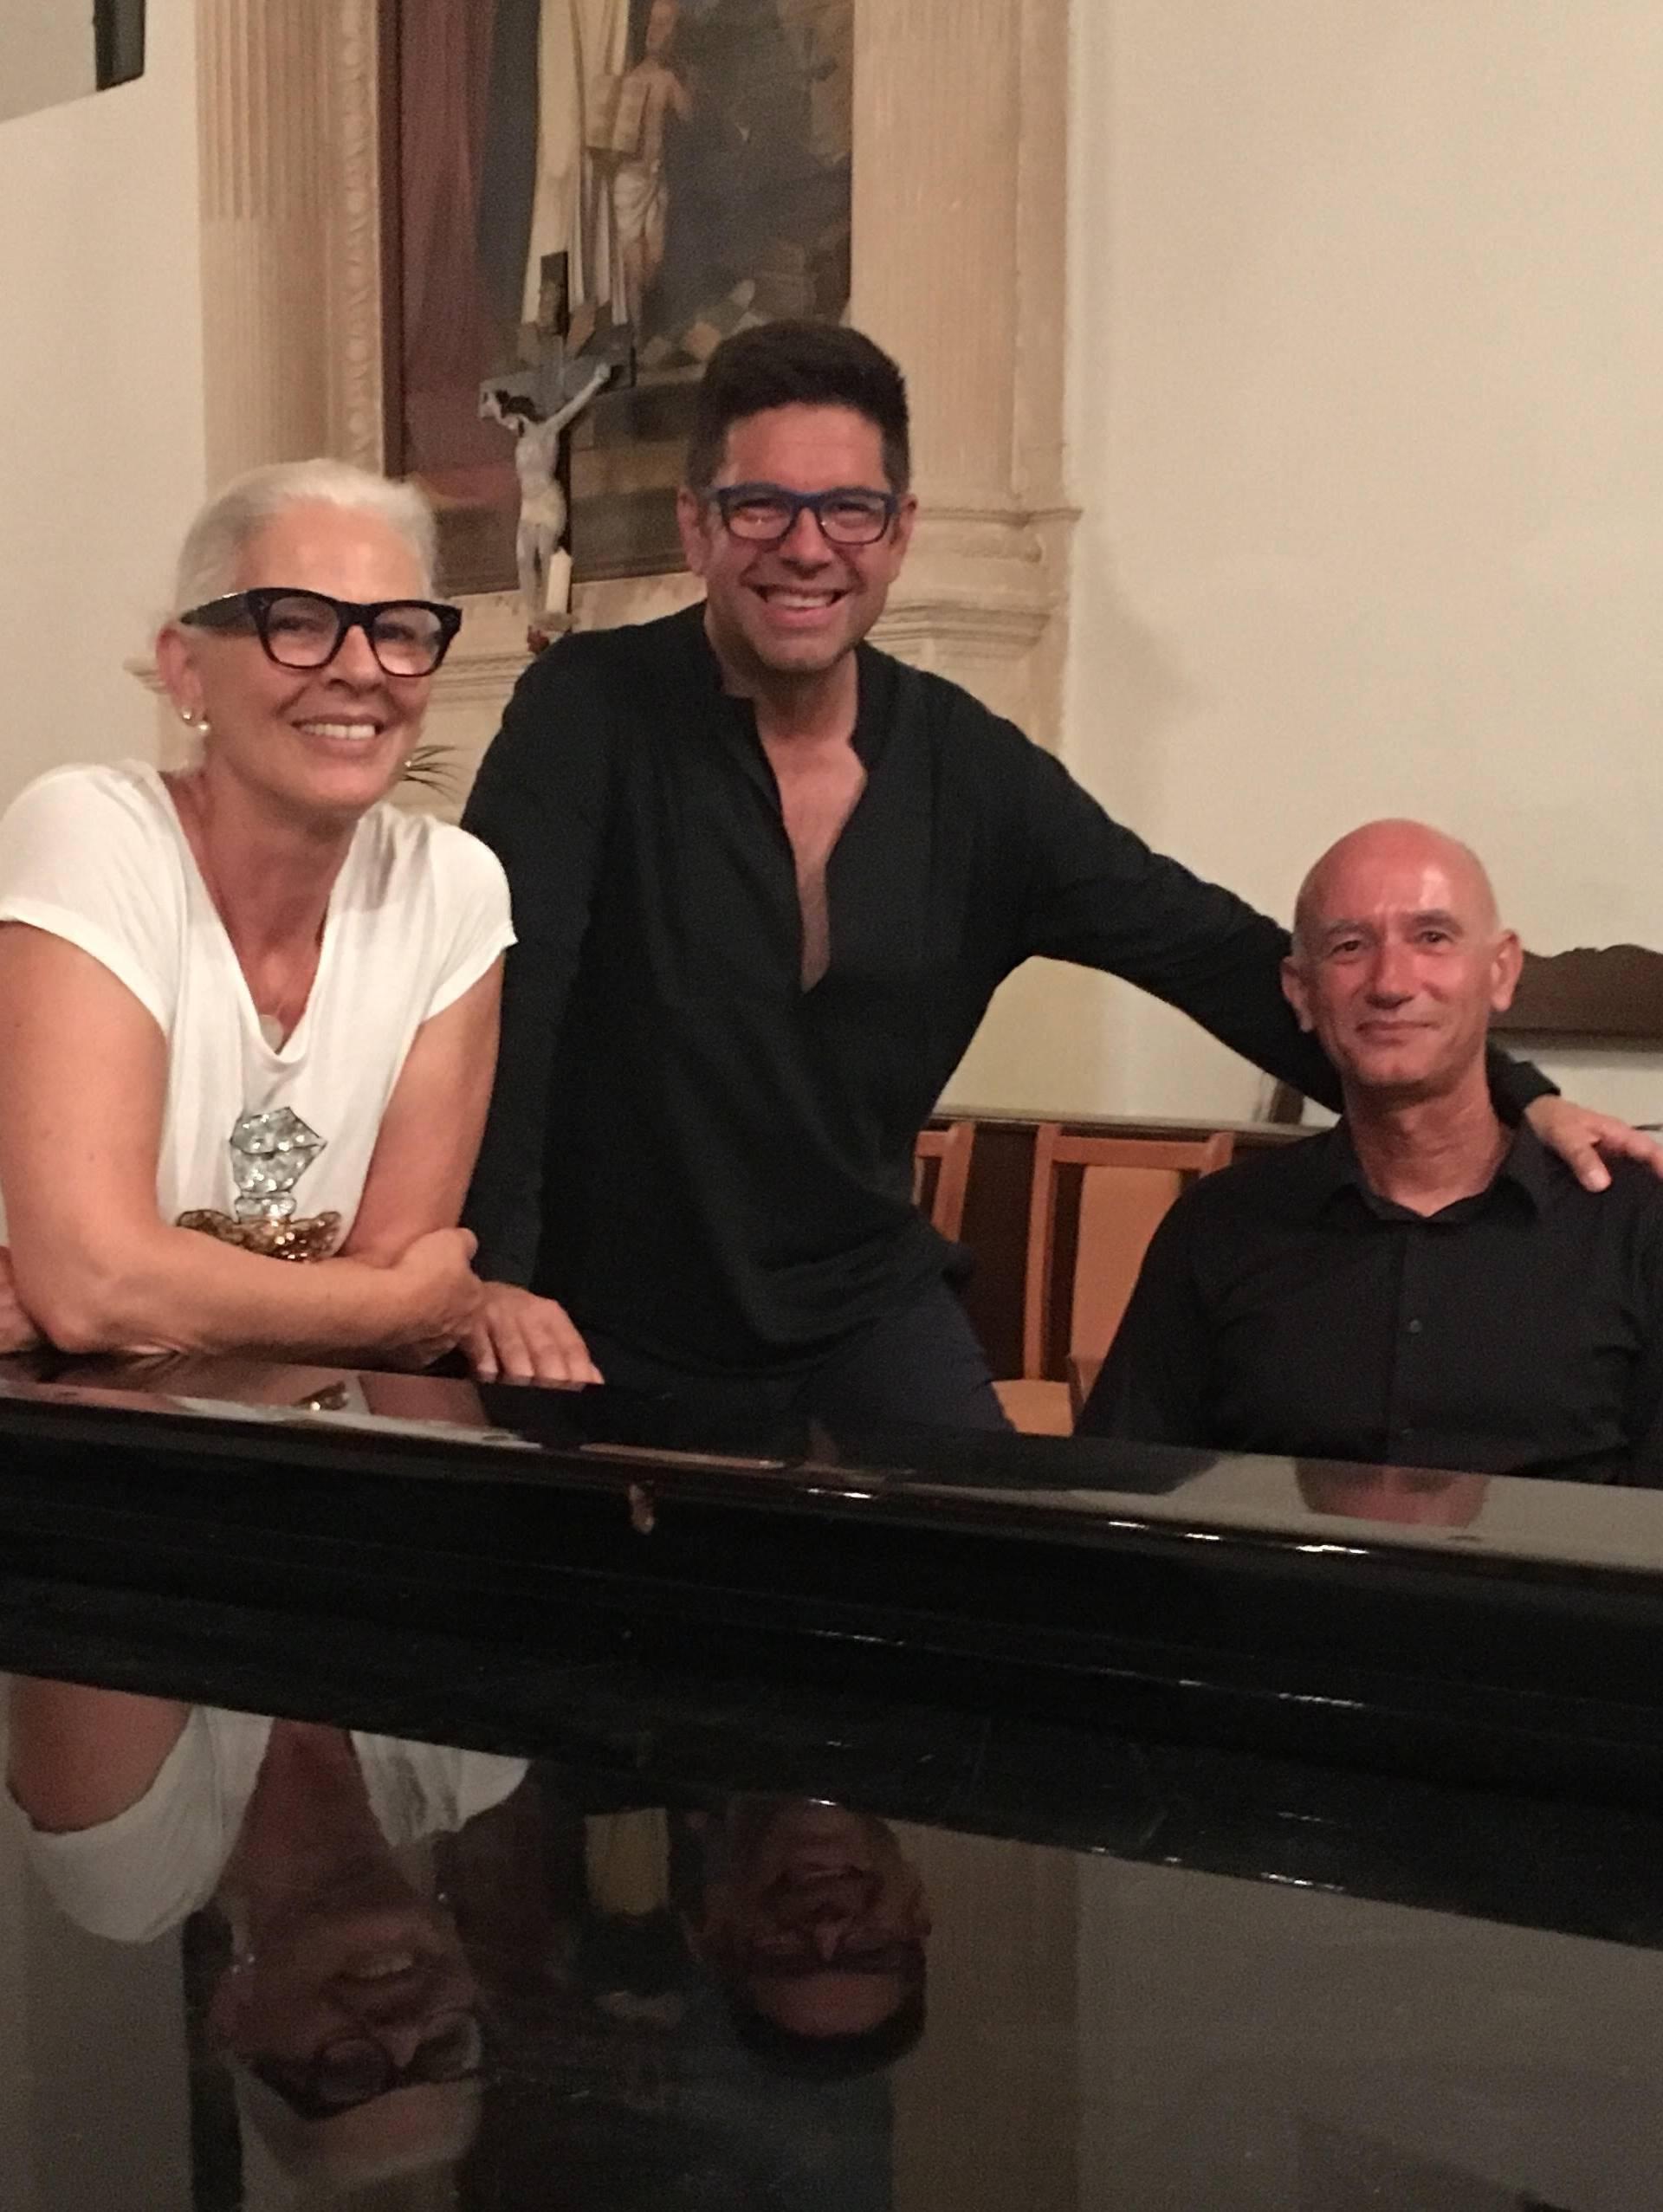 Koncert Brausa i Frke u znak sjećanja na Nušu Marović